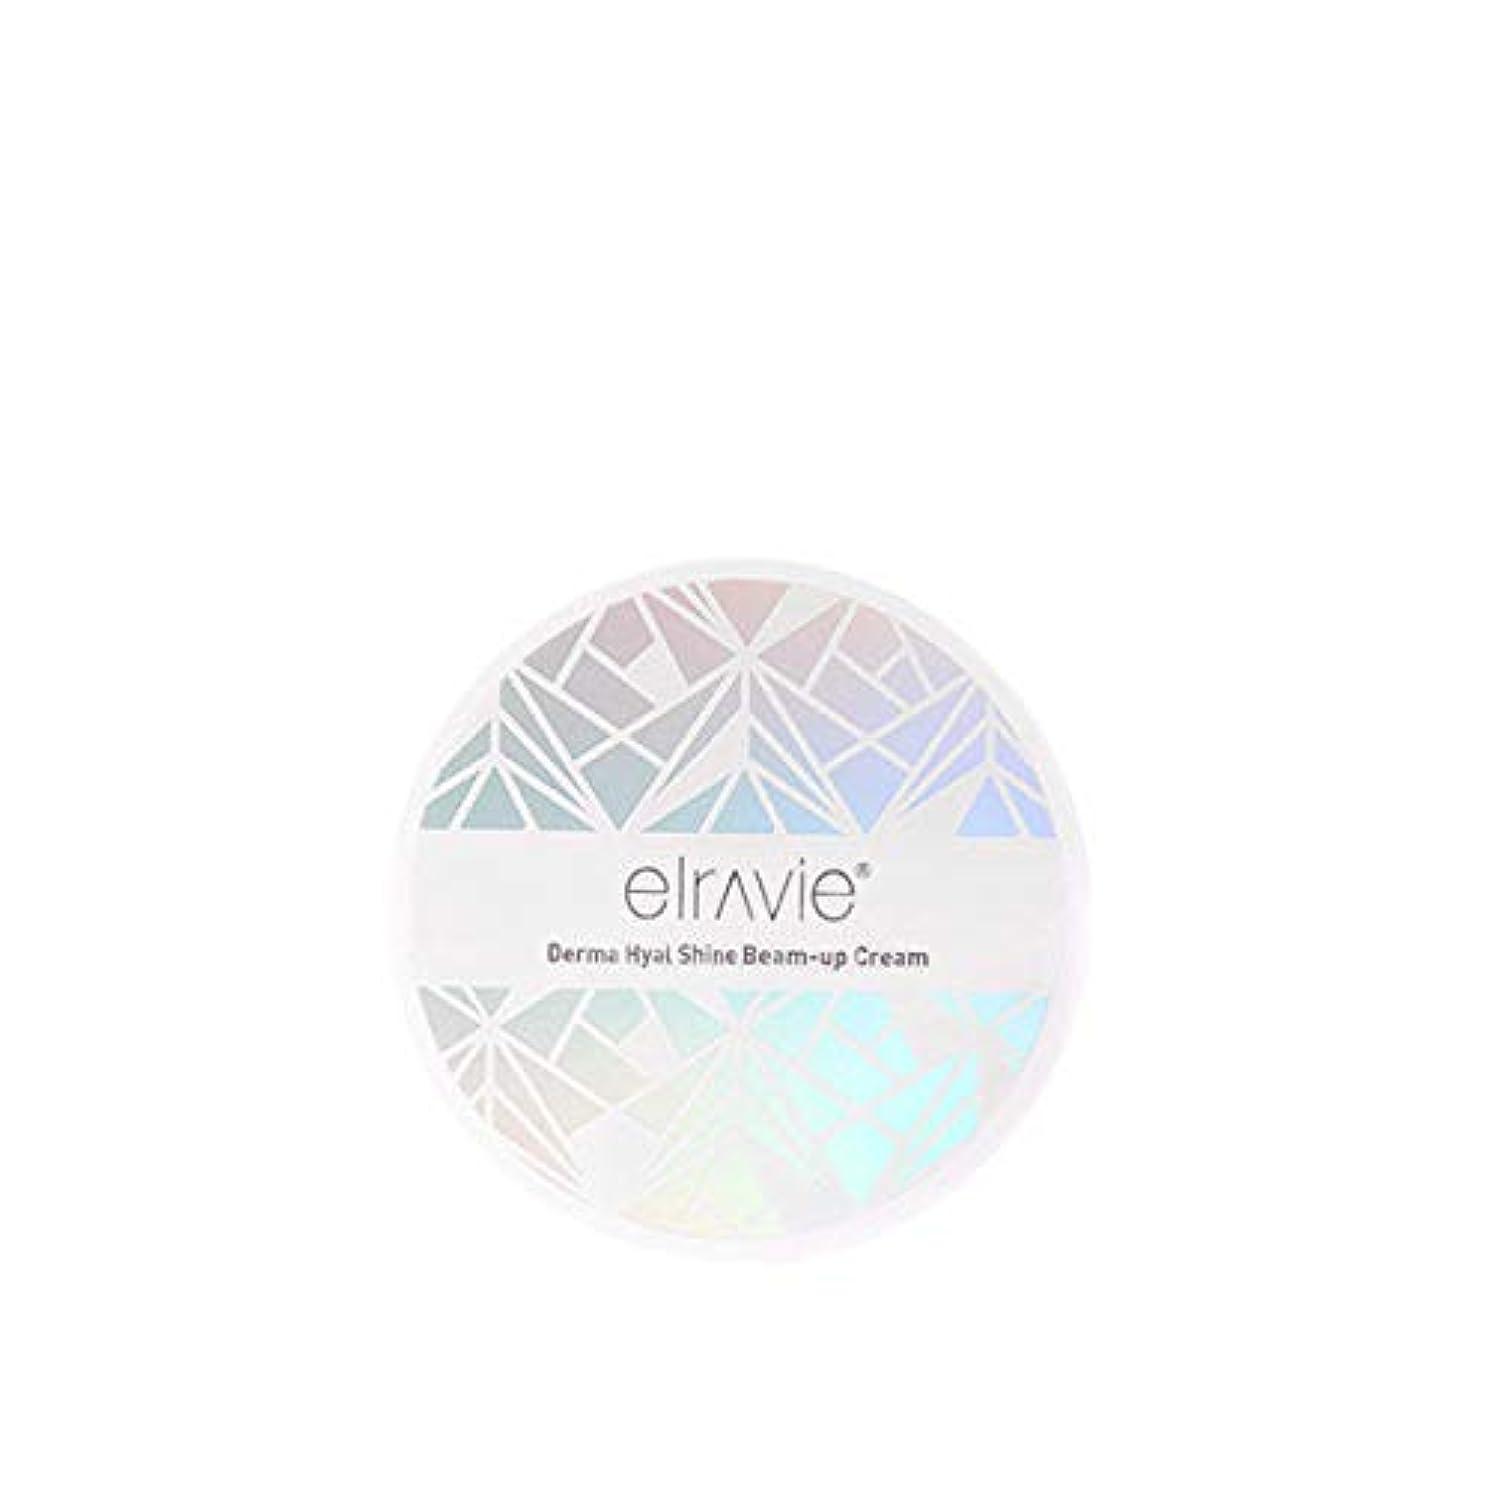 うめきスポンジ気分エラヴィー[Elravie] ダーマヒアルロン酸 輝くビームアップクリーム15g / Derma Hyal Shine Beam-up Cream